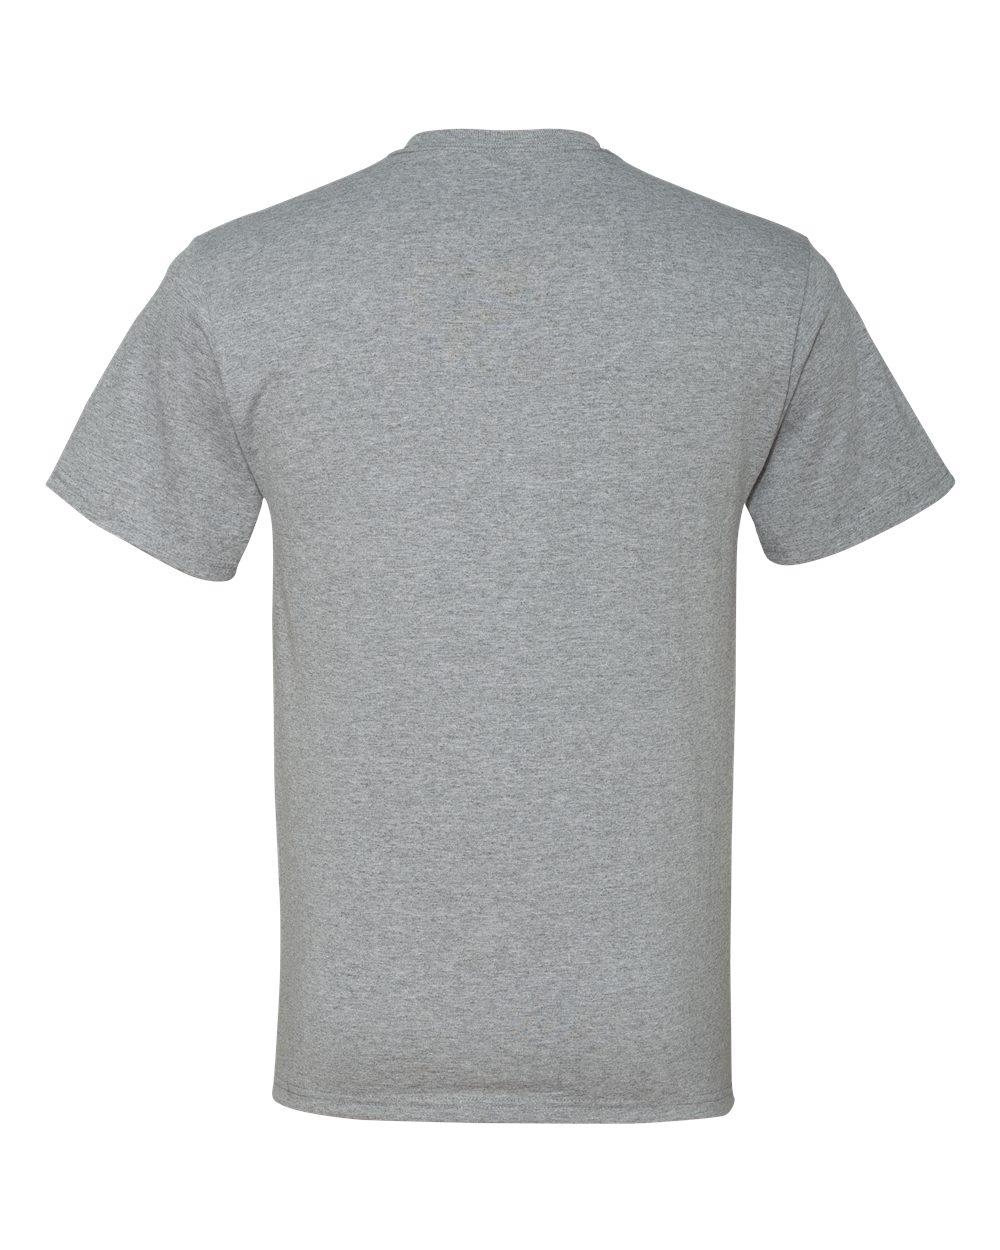 Jerzees-Men-039-s-5-6-oz-50-50-Heavyweight-Blend-T-Shirt-29M-S-4XL thumbnail 4